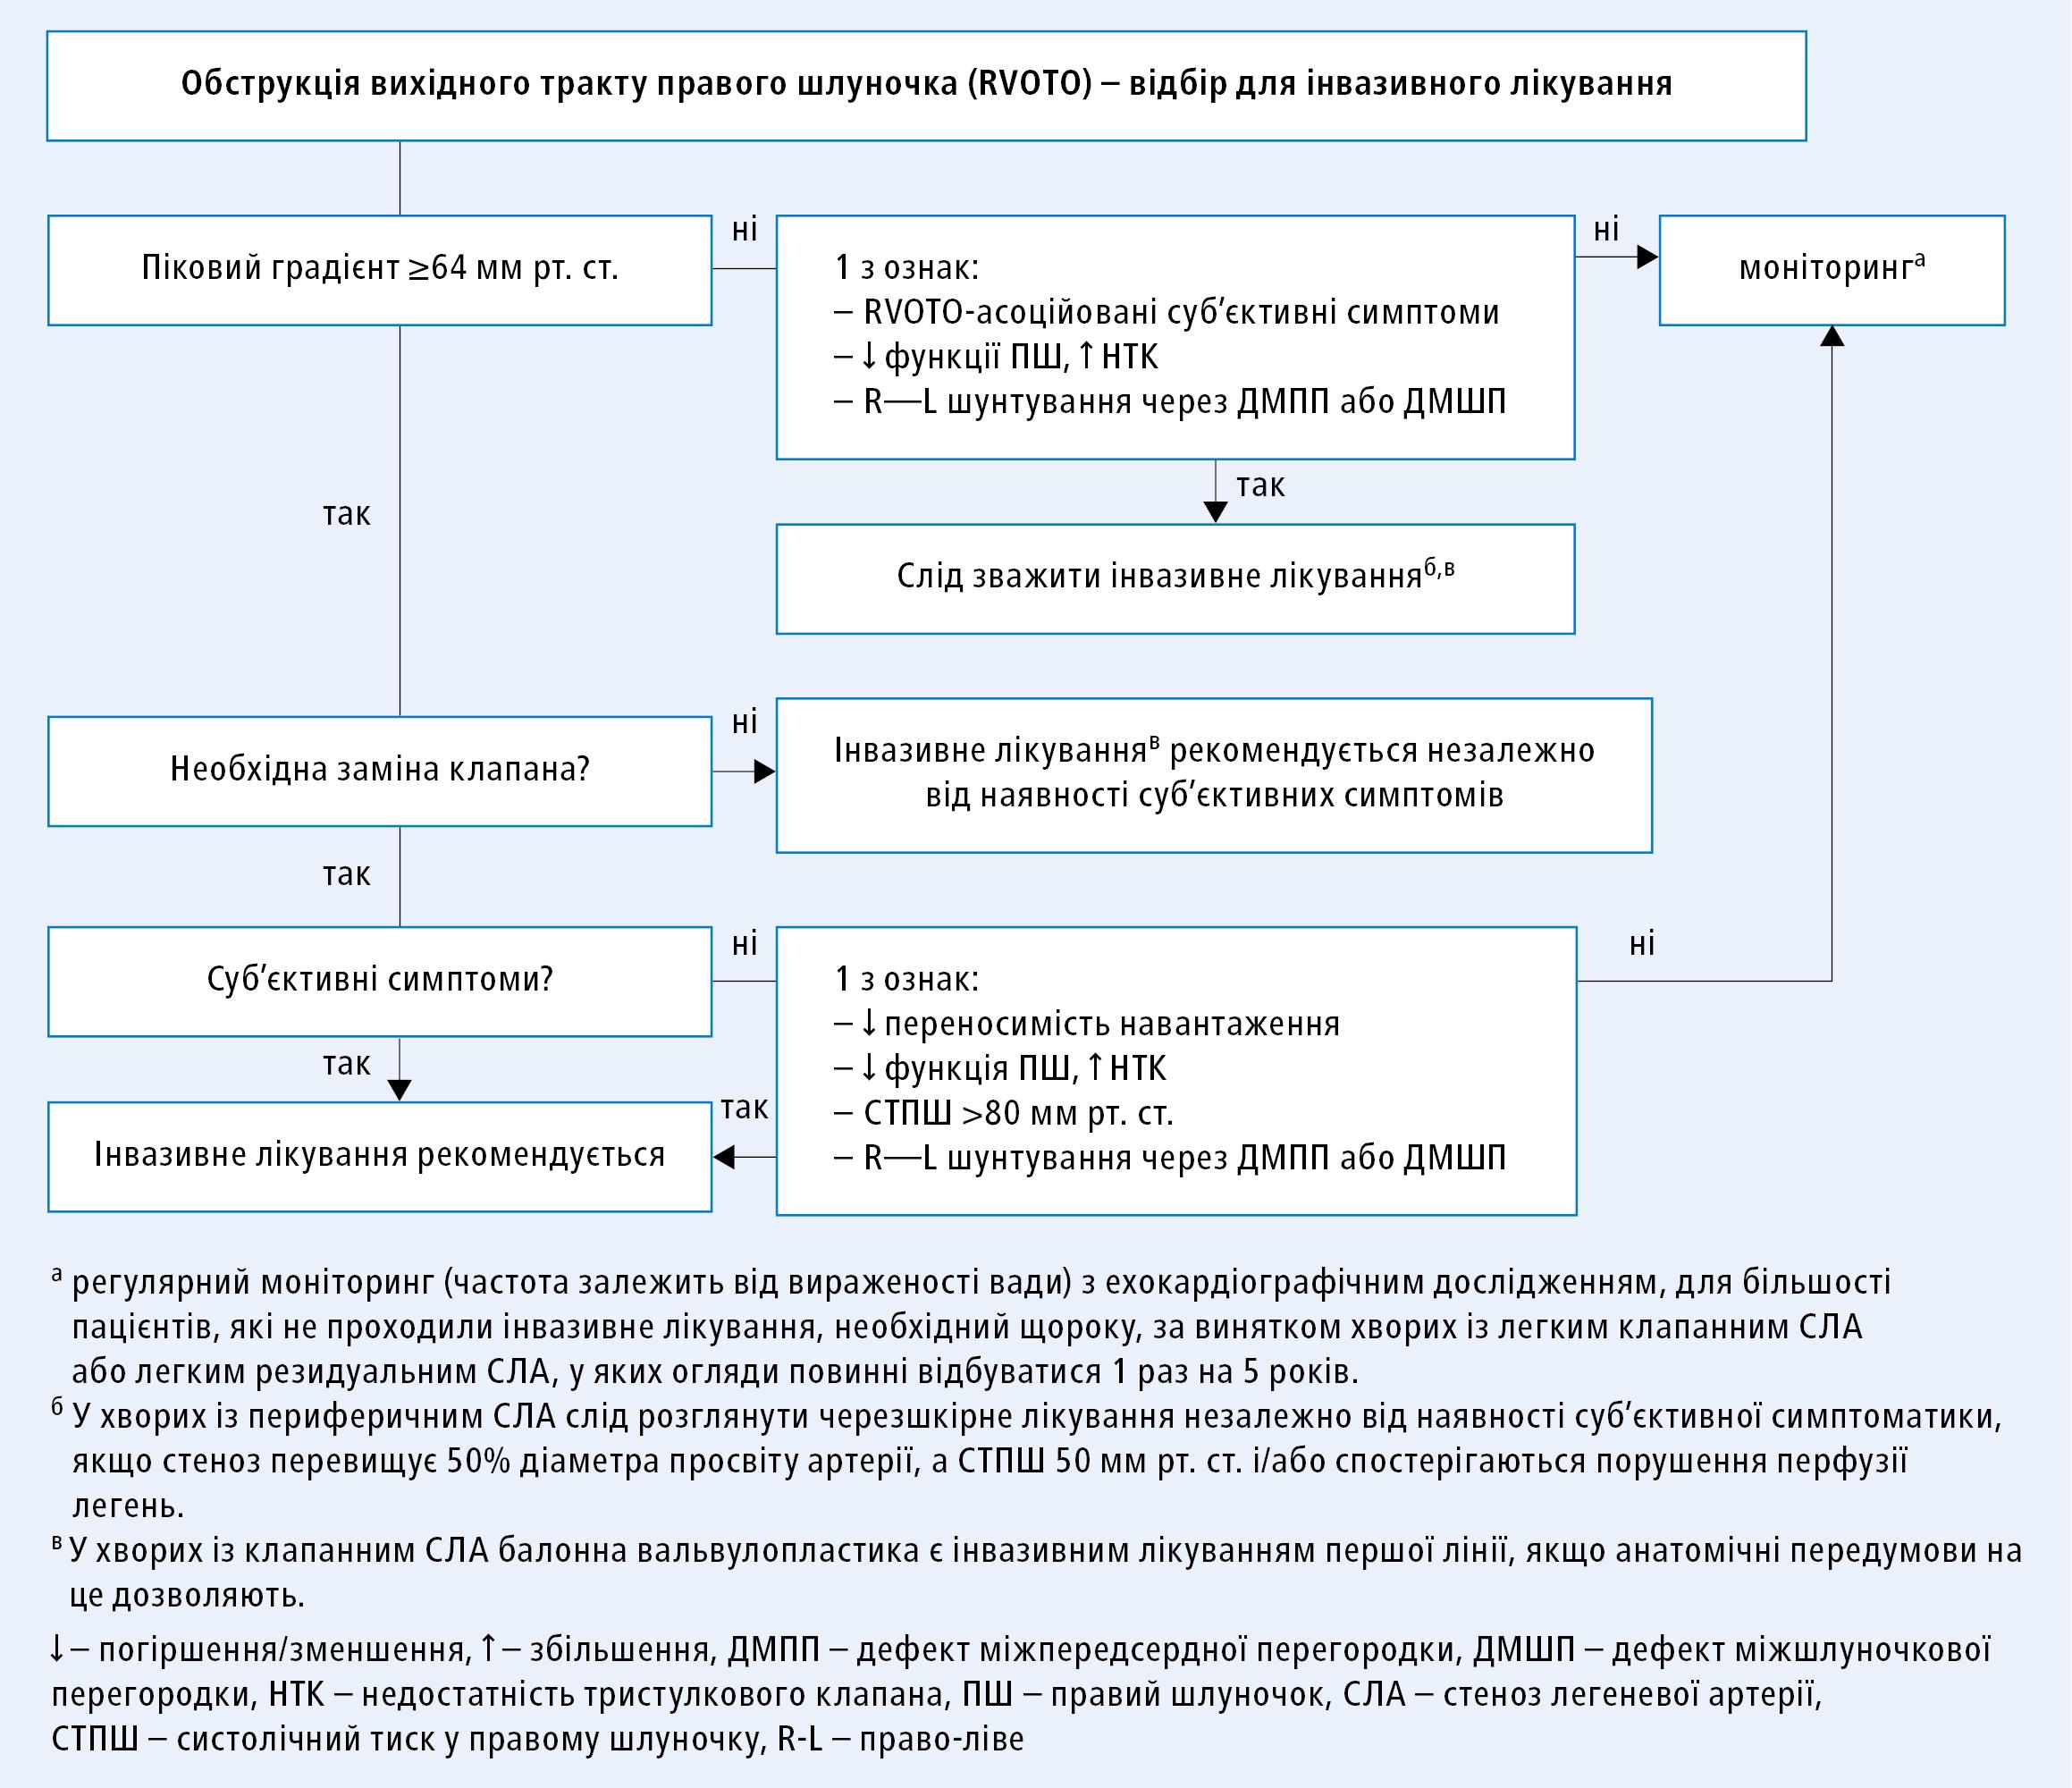 Алгоритм прийняття рішення щодо інвазивного лікування обструкції вихідного тракту правого шлуночка (згідно зклінічними настановами ESC 2020, модифіковано)